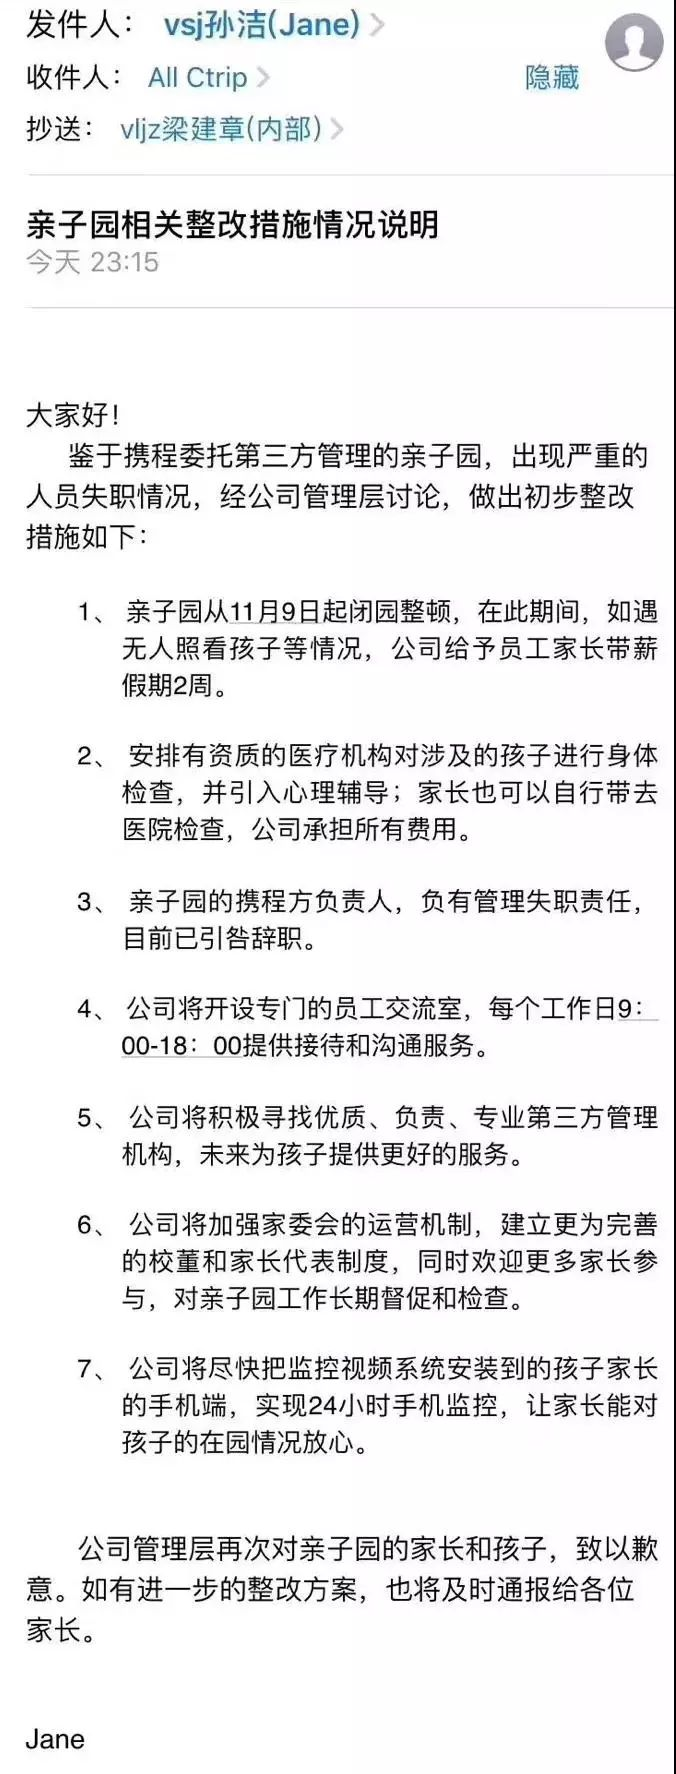 携程CEO孙洁发布内部信